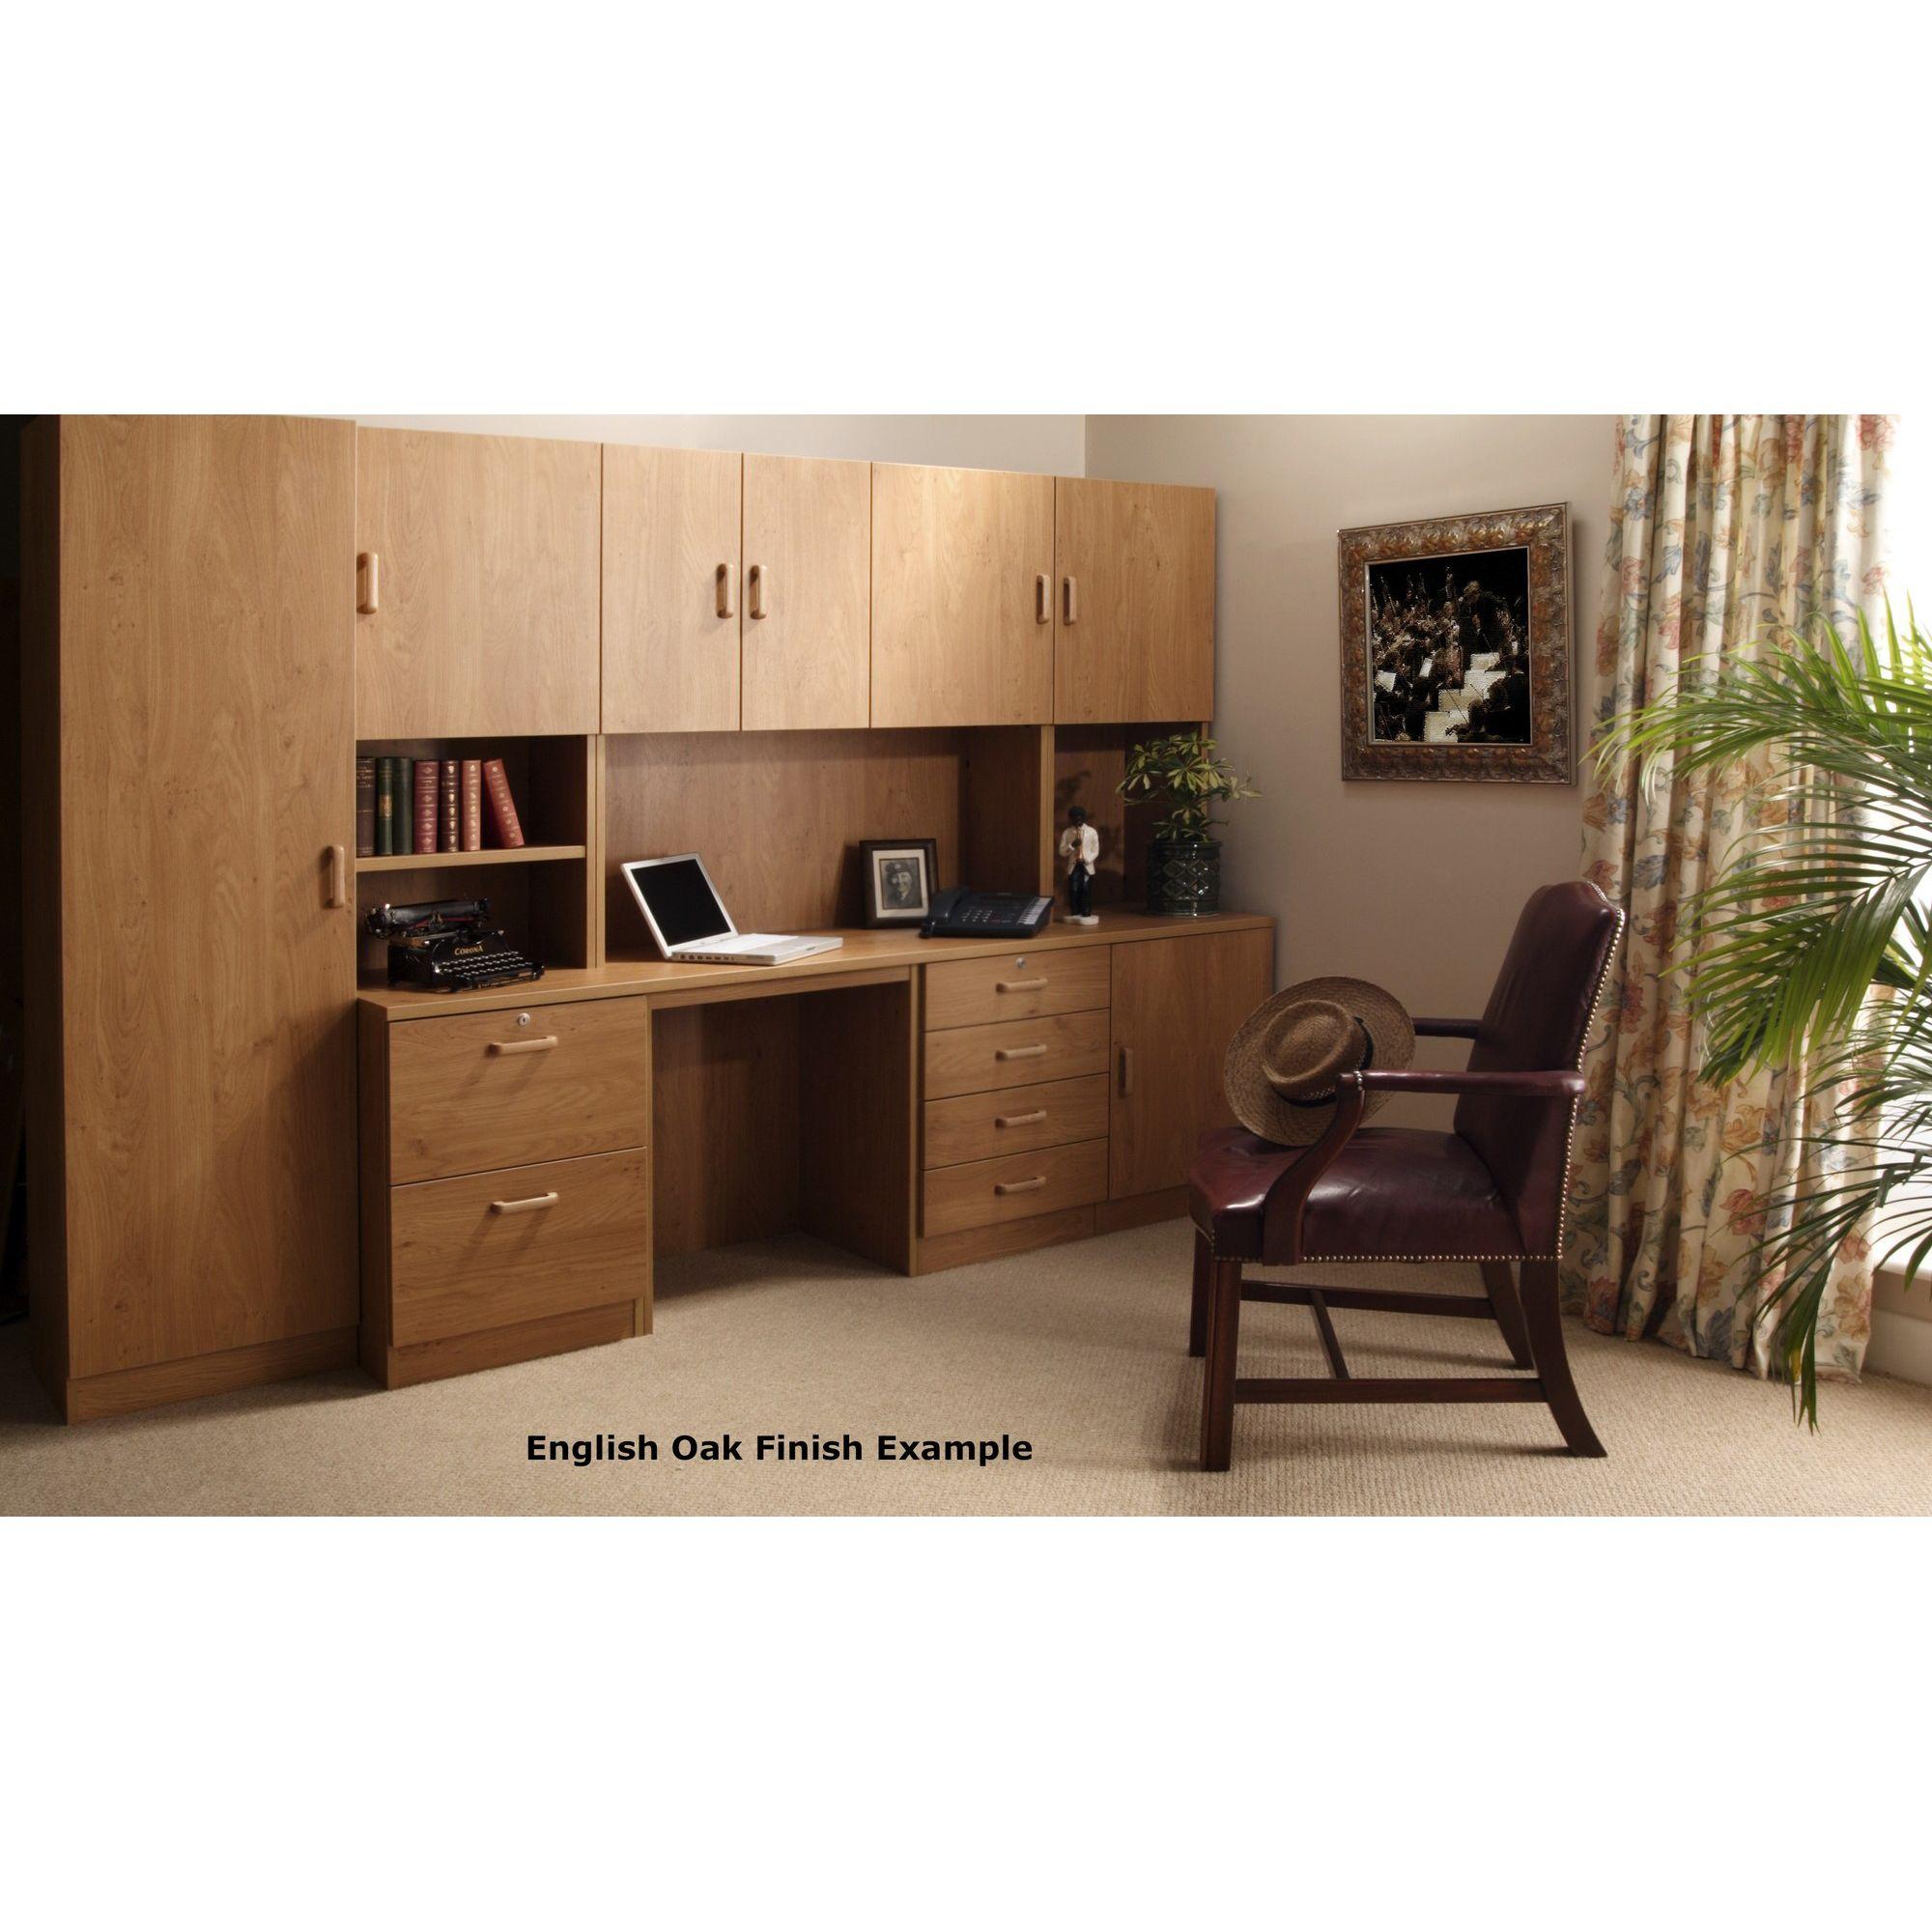 Enduro Four Drawer Wooden Pedestal - English Oak at Tesco Direct